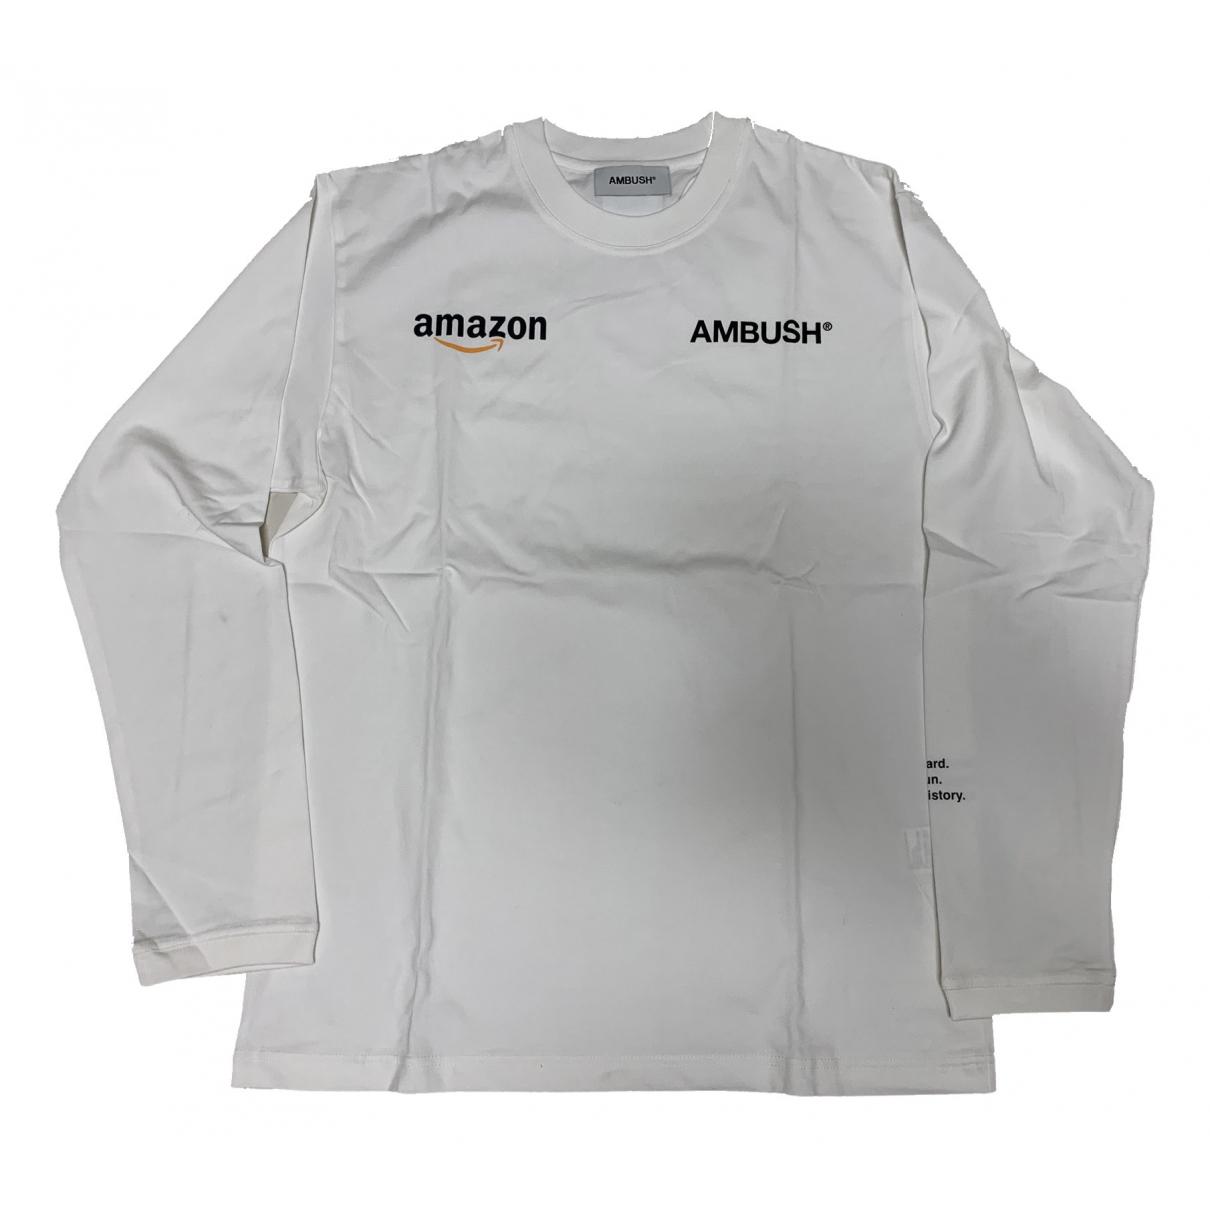 Ambush N White Cotton T-shirts for Men 3 0 - 6